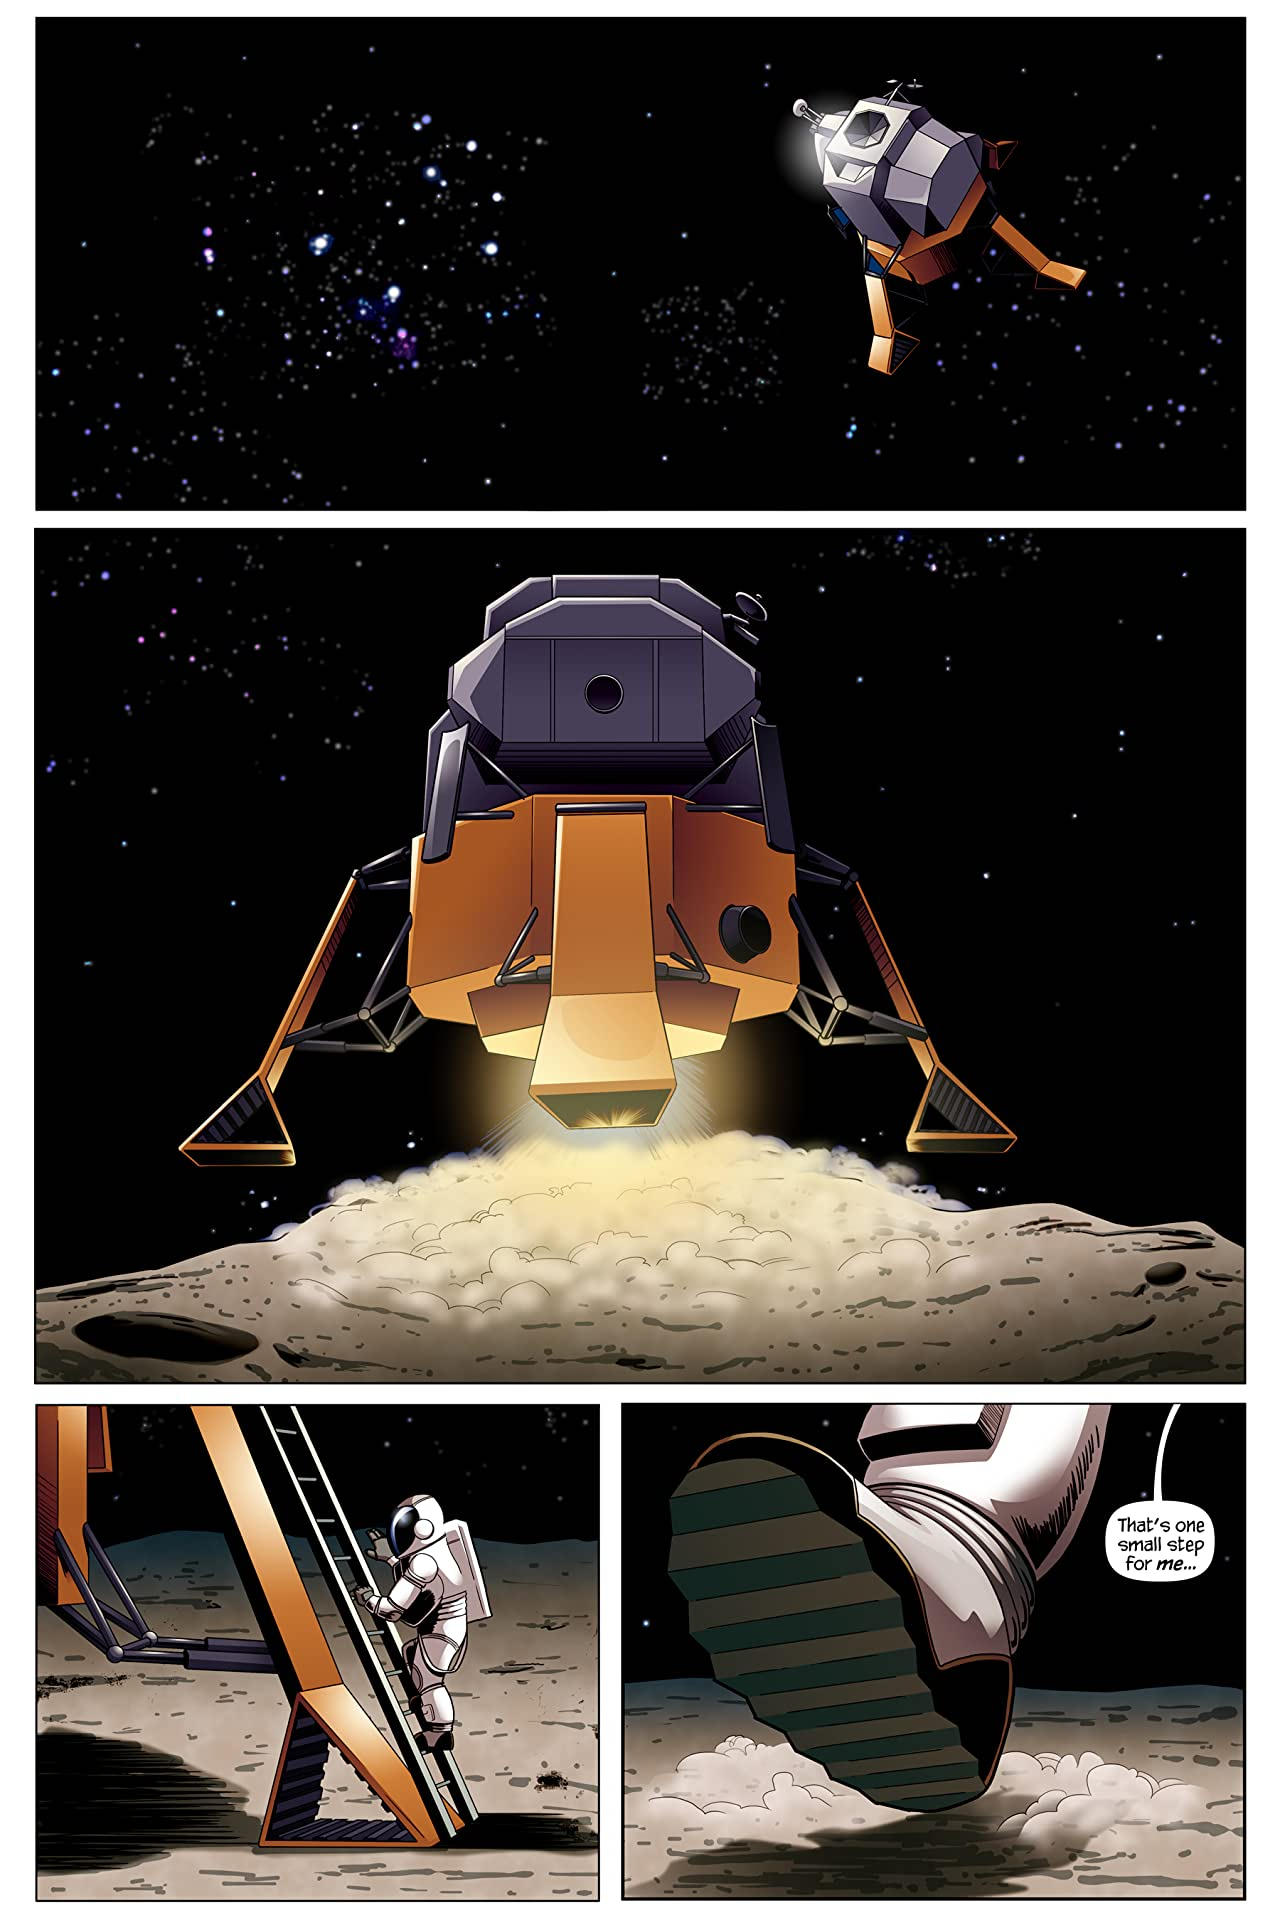 Martian Comics Vol. 1: Moon to Moon